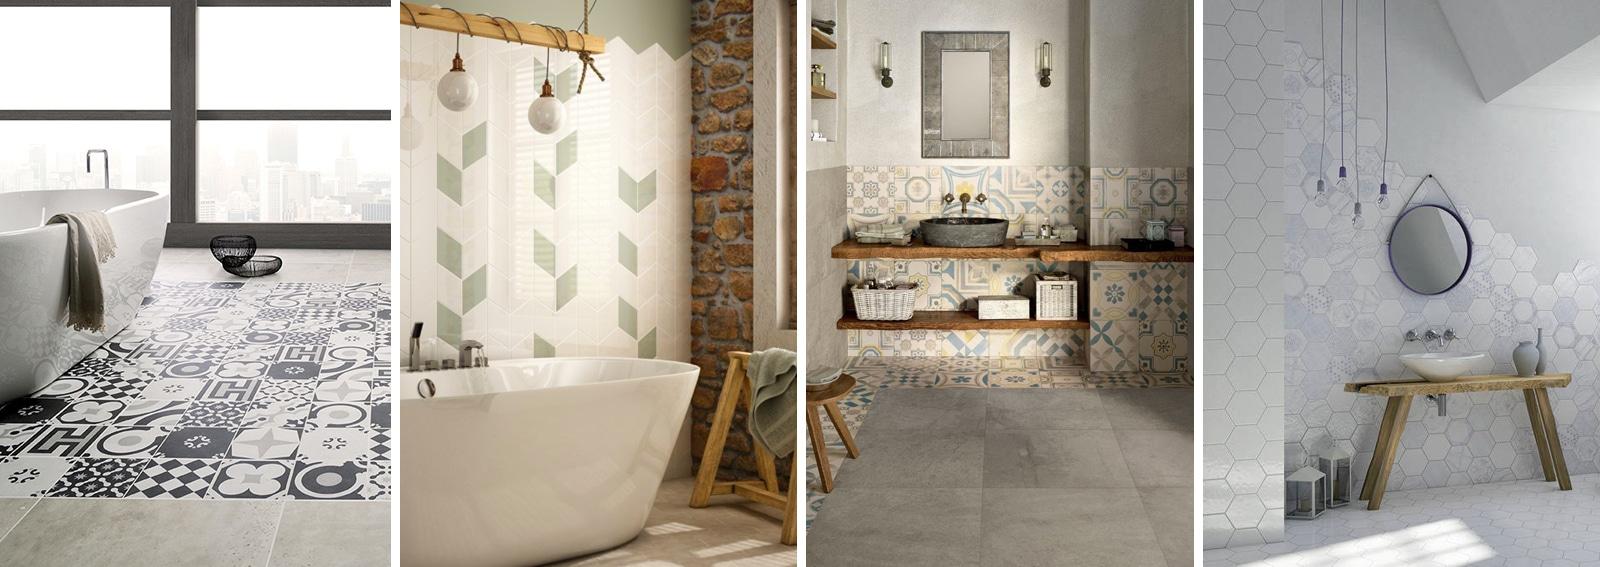 Piastrelle per il bagno come sceglierle e utilizzarle grazia - Il bagno magazine ...